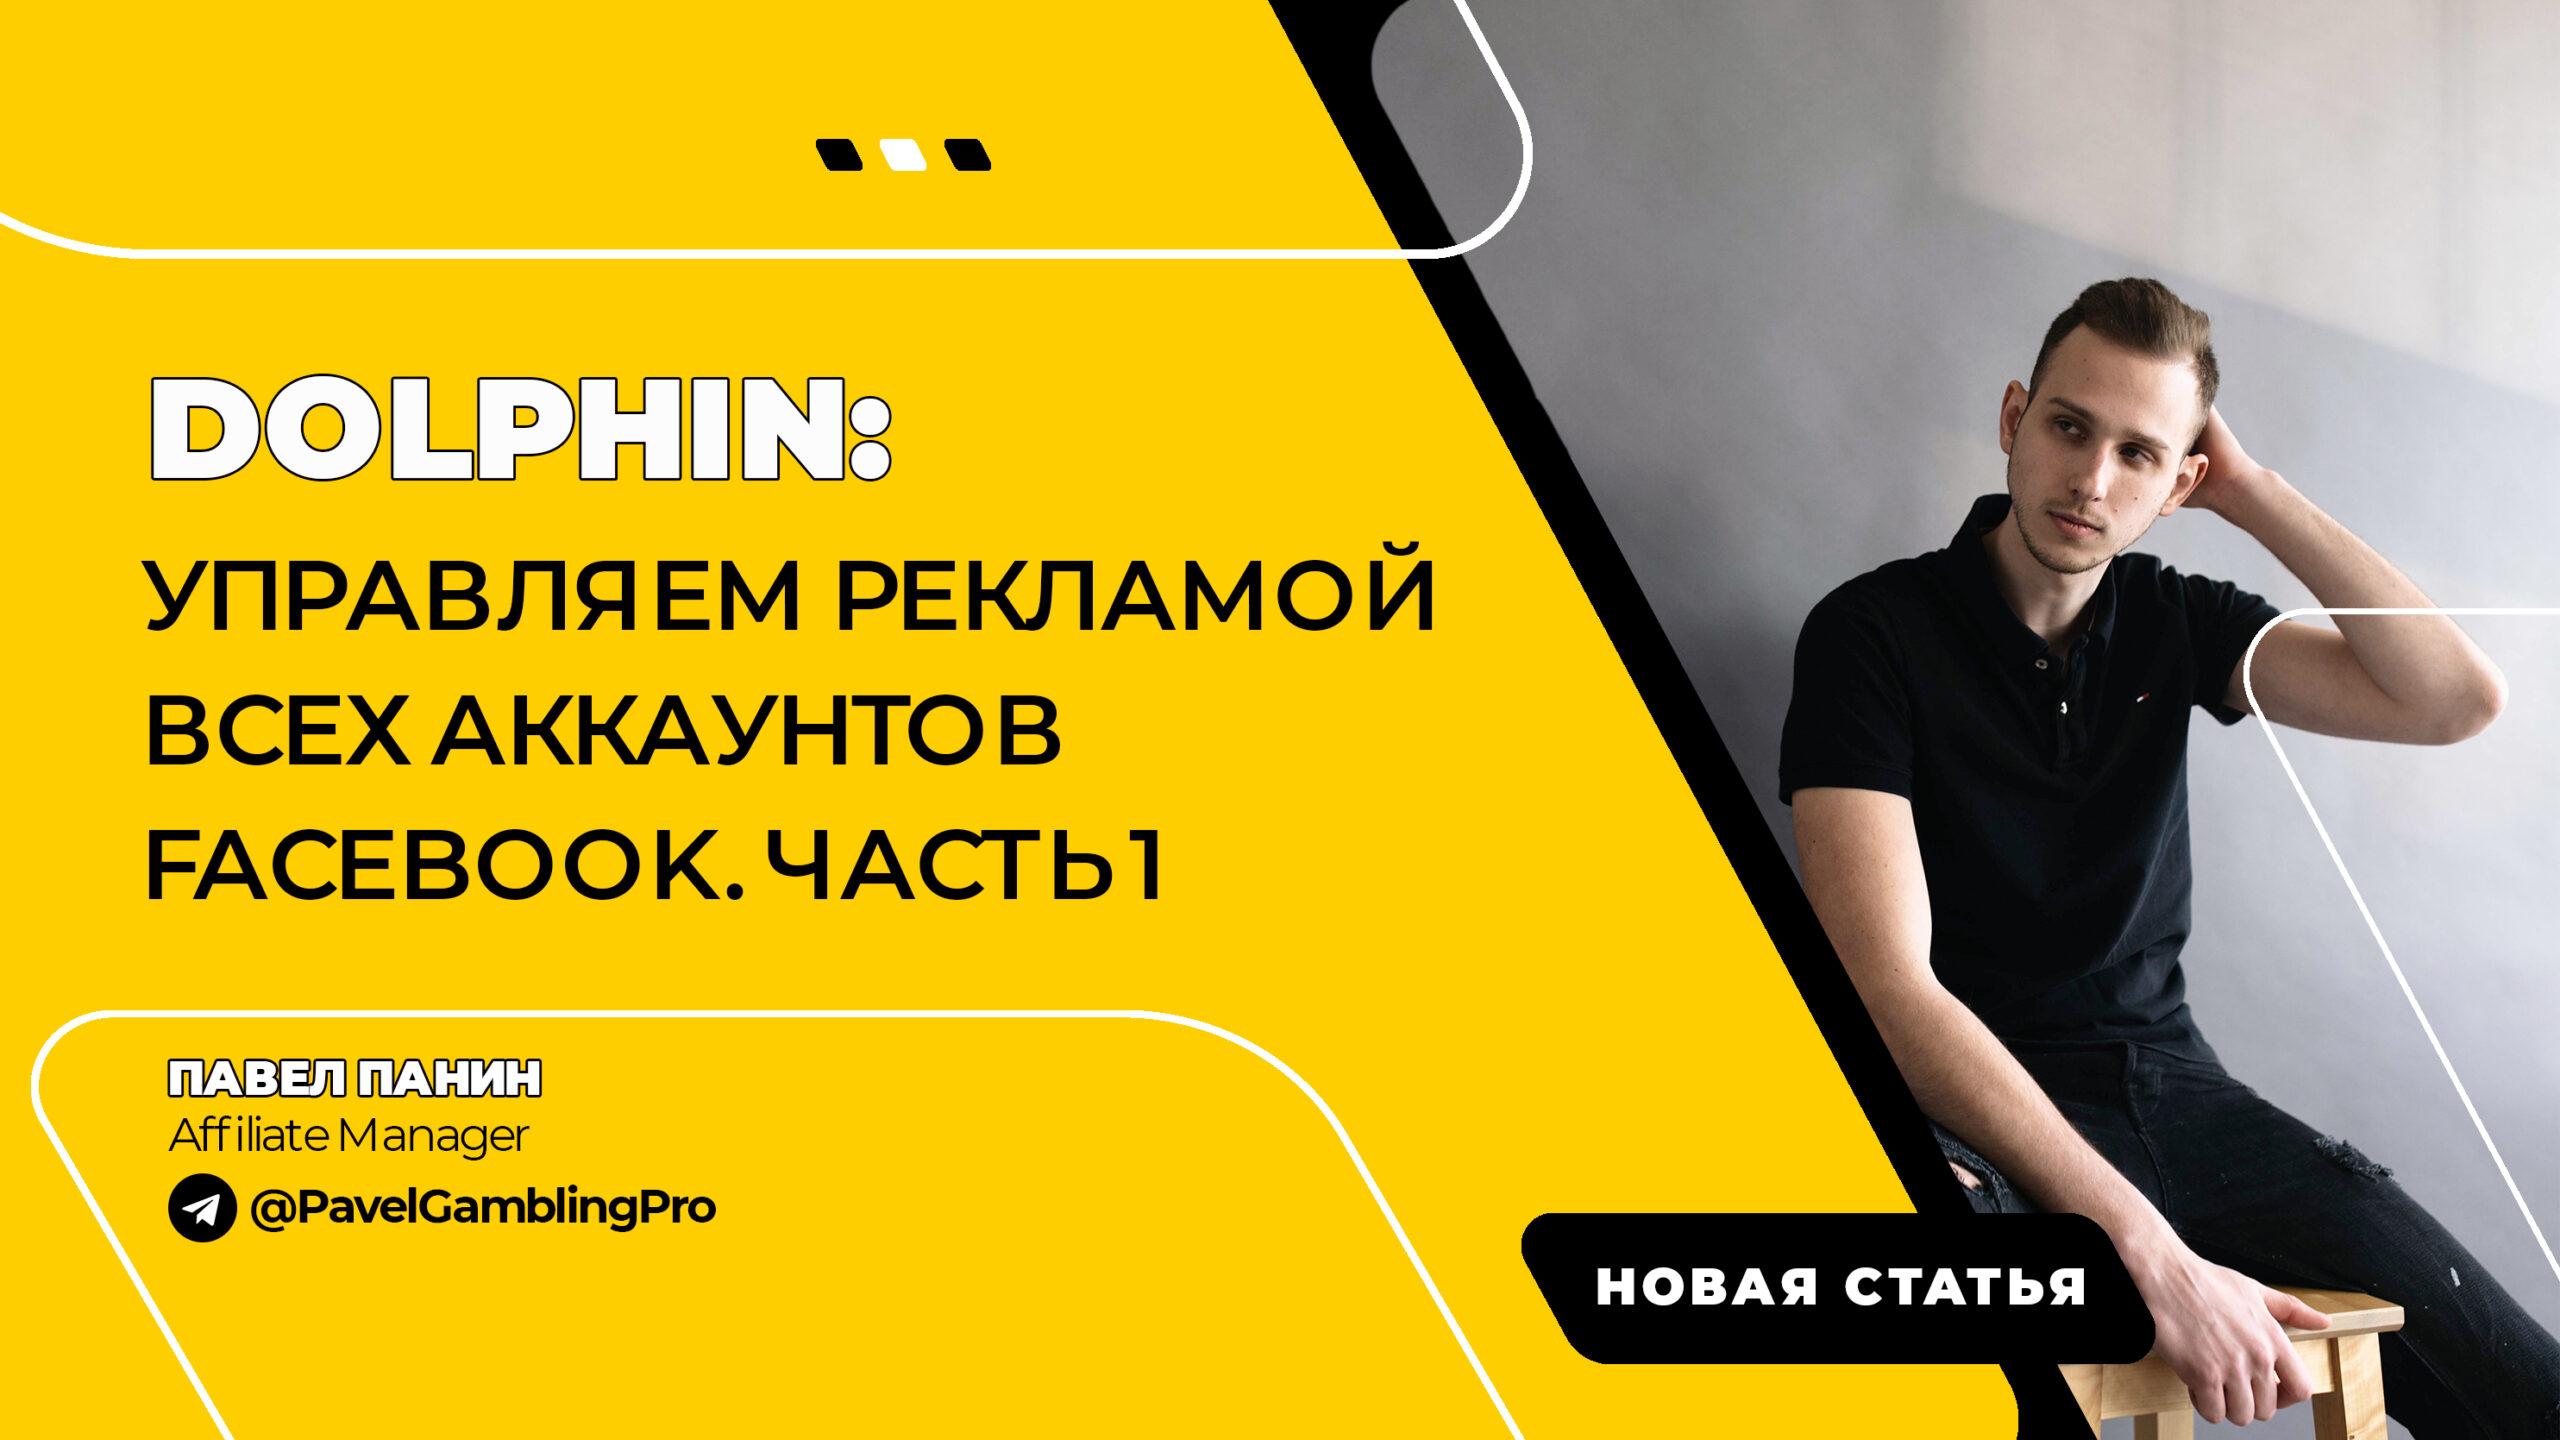 Dolphin: управляем рекламой всех аккаунтов FaceBook. Часть 1